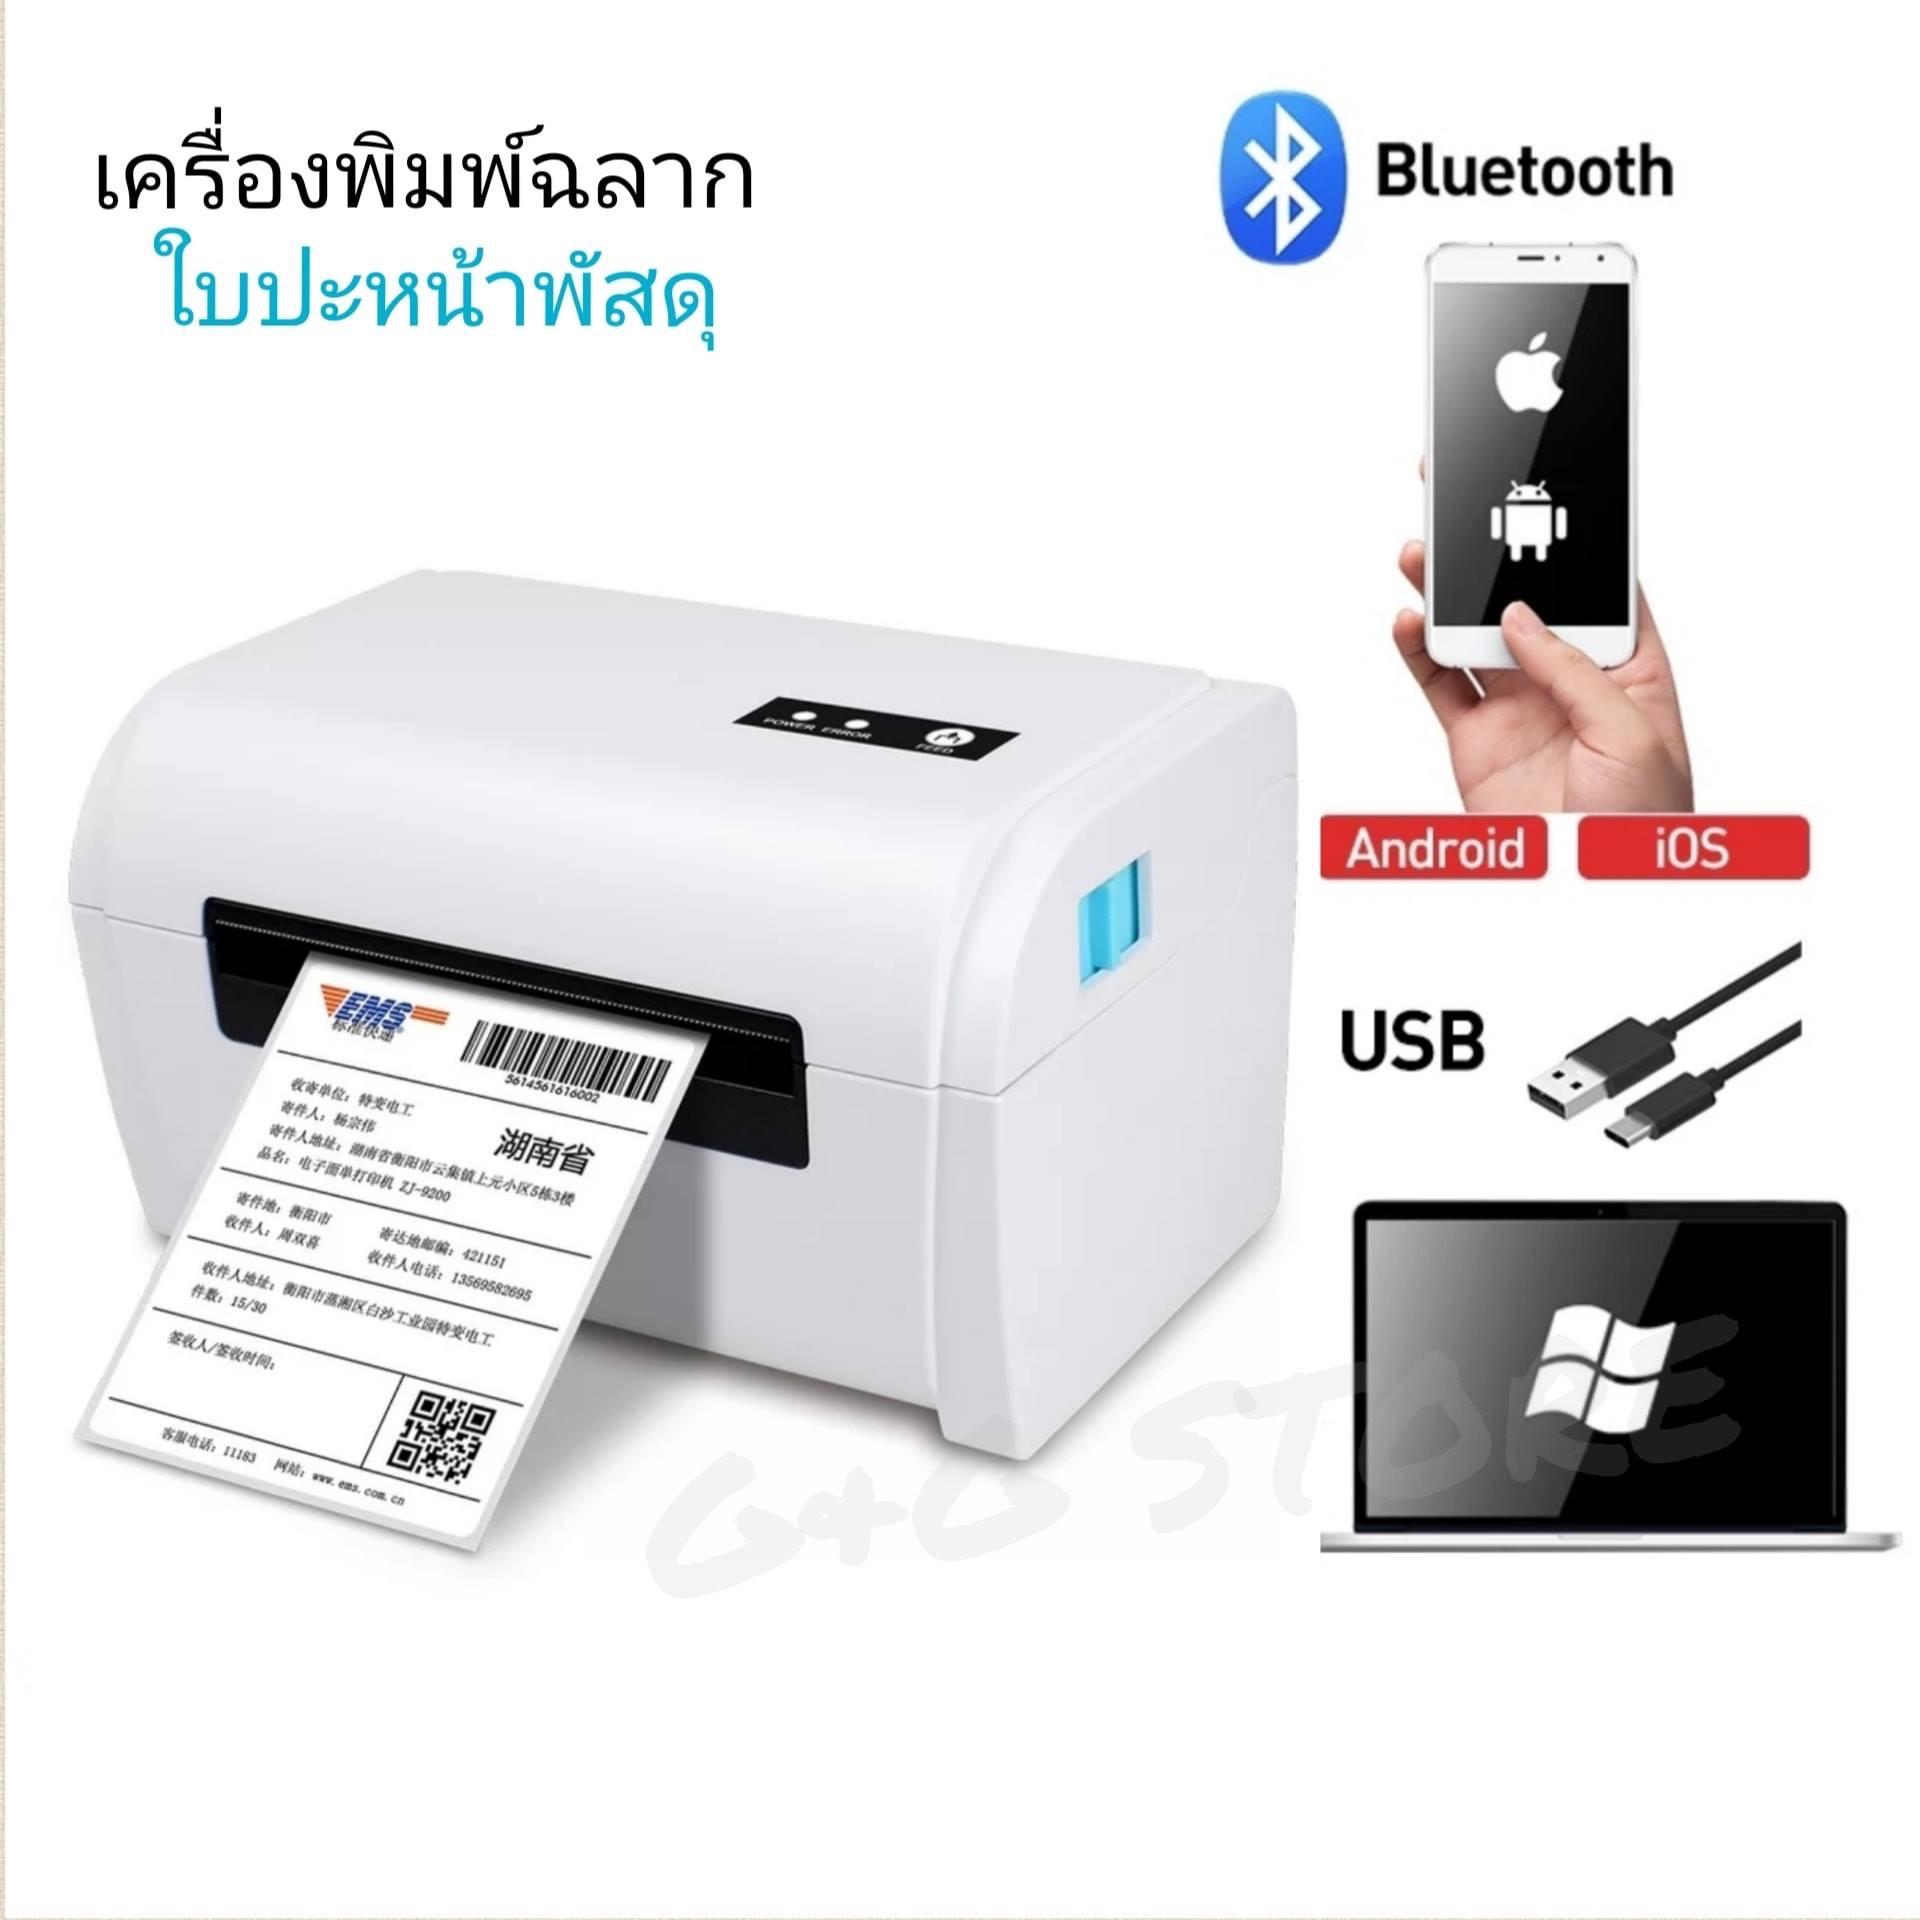 เครื่องพิมพ์ฉลาก Zj-9200 ผ่าน Bluetooth Usb High Speed Thermal Printer พิมพ์ใบปะหน้าพัสดุได้ ไม่ต้องใช้หมึก.